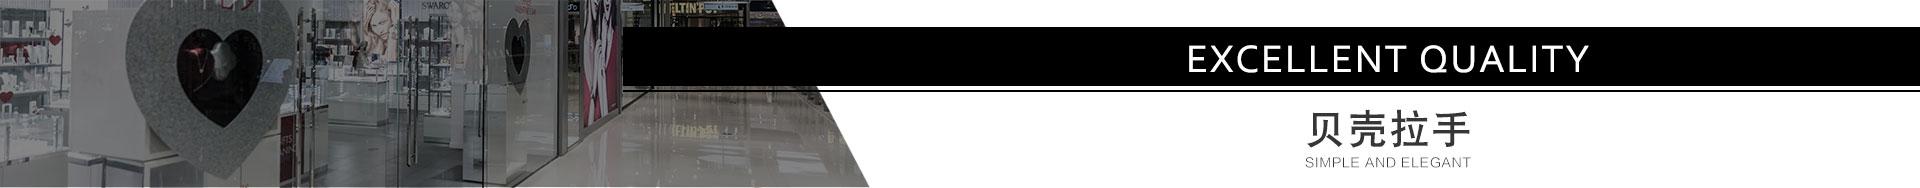 貝殼拉手-777遊戲有限公司